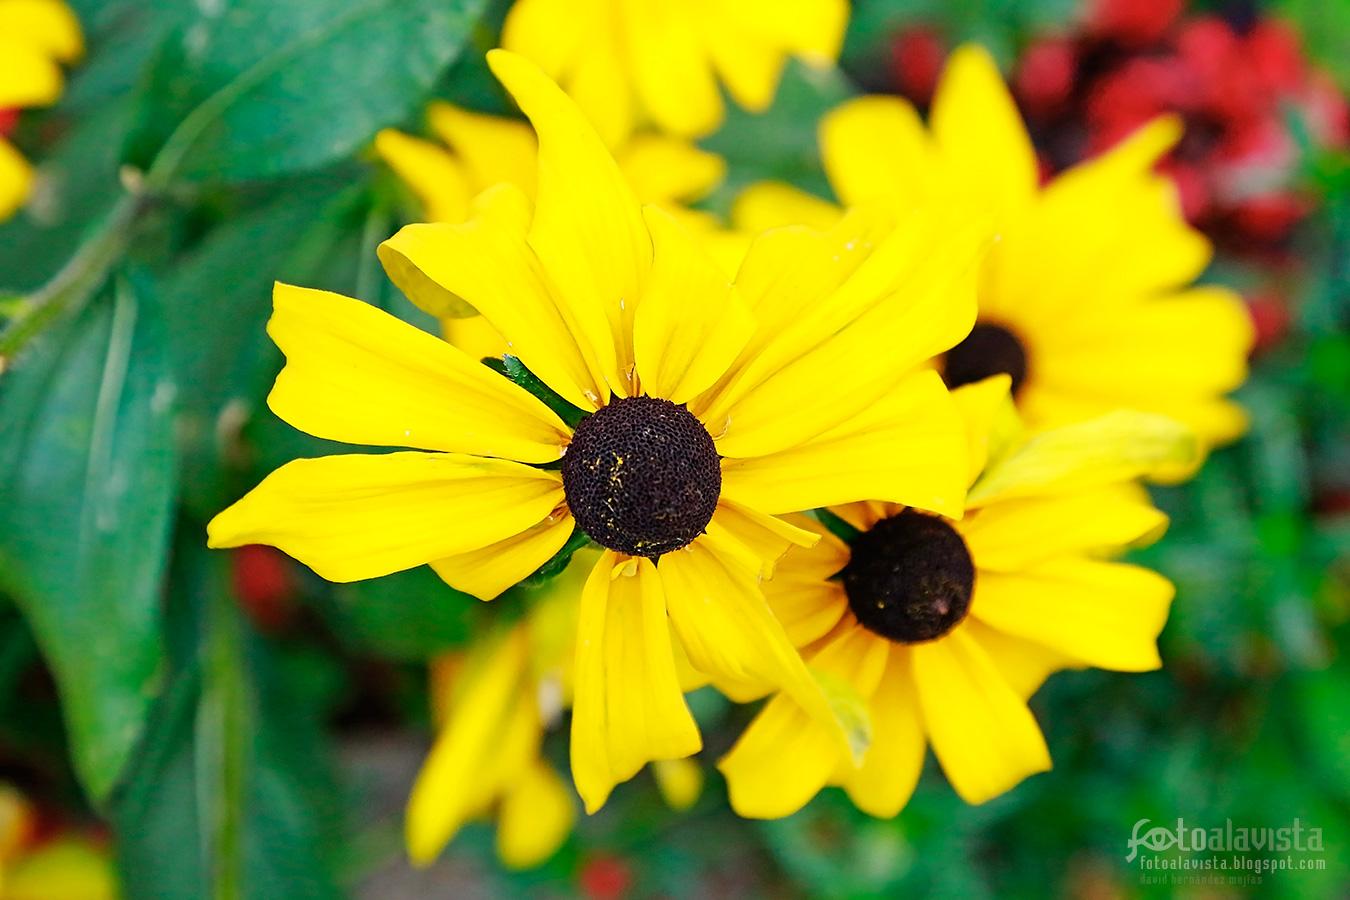 Como botones rodeados de pétalos amarillos - Fotografía